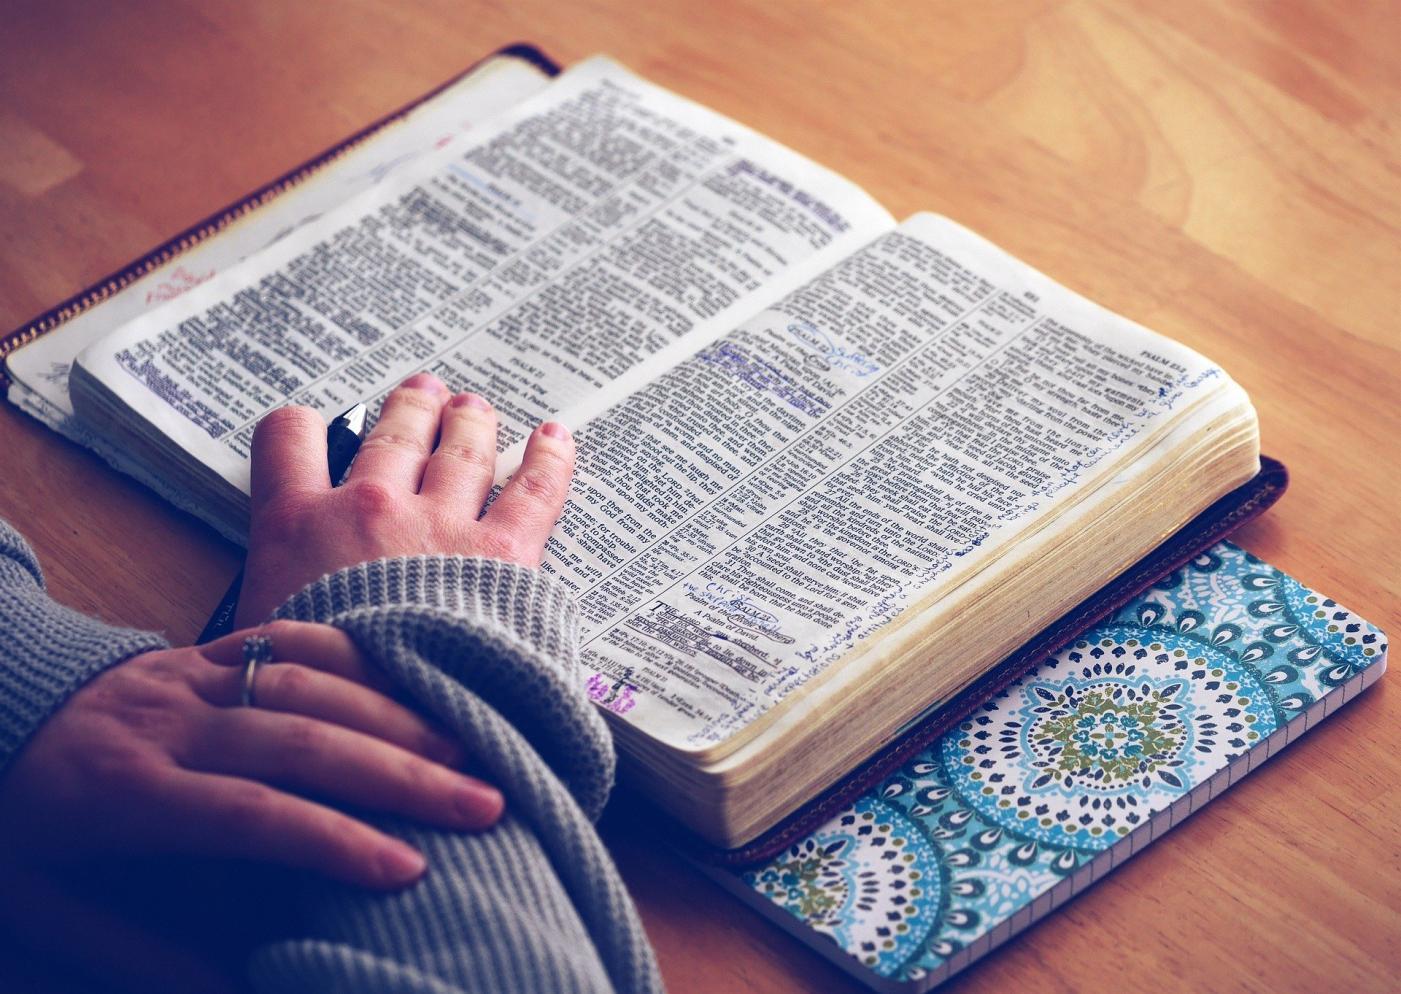 Igreja evangélica cresce no Brasil nos últimos 30 anos